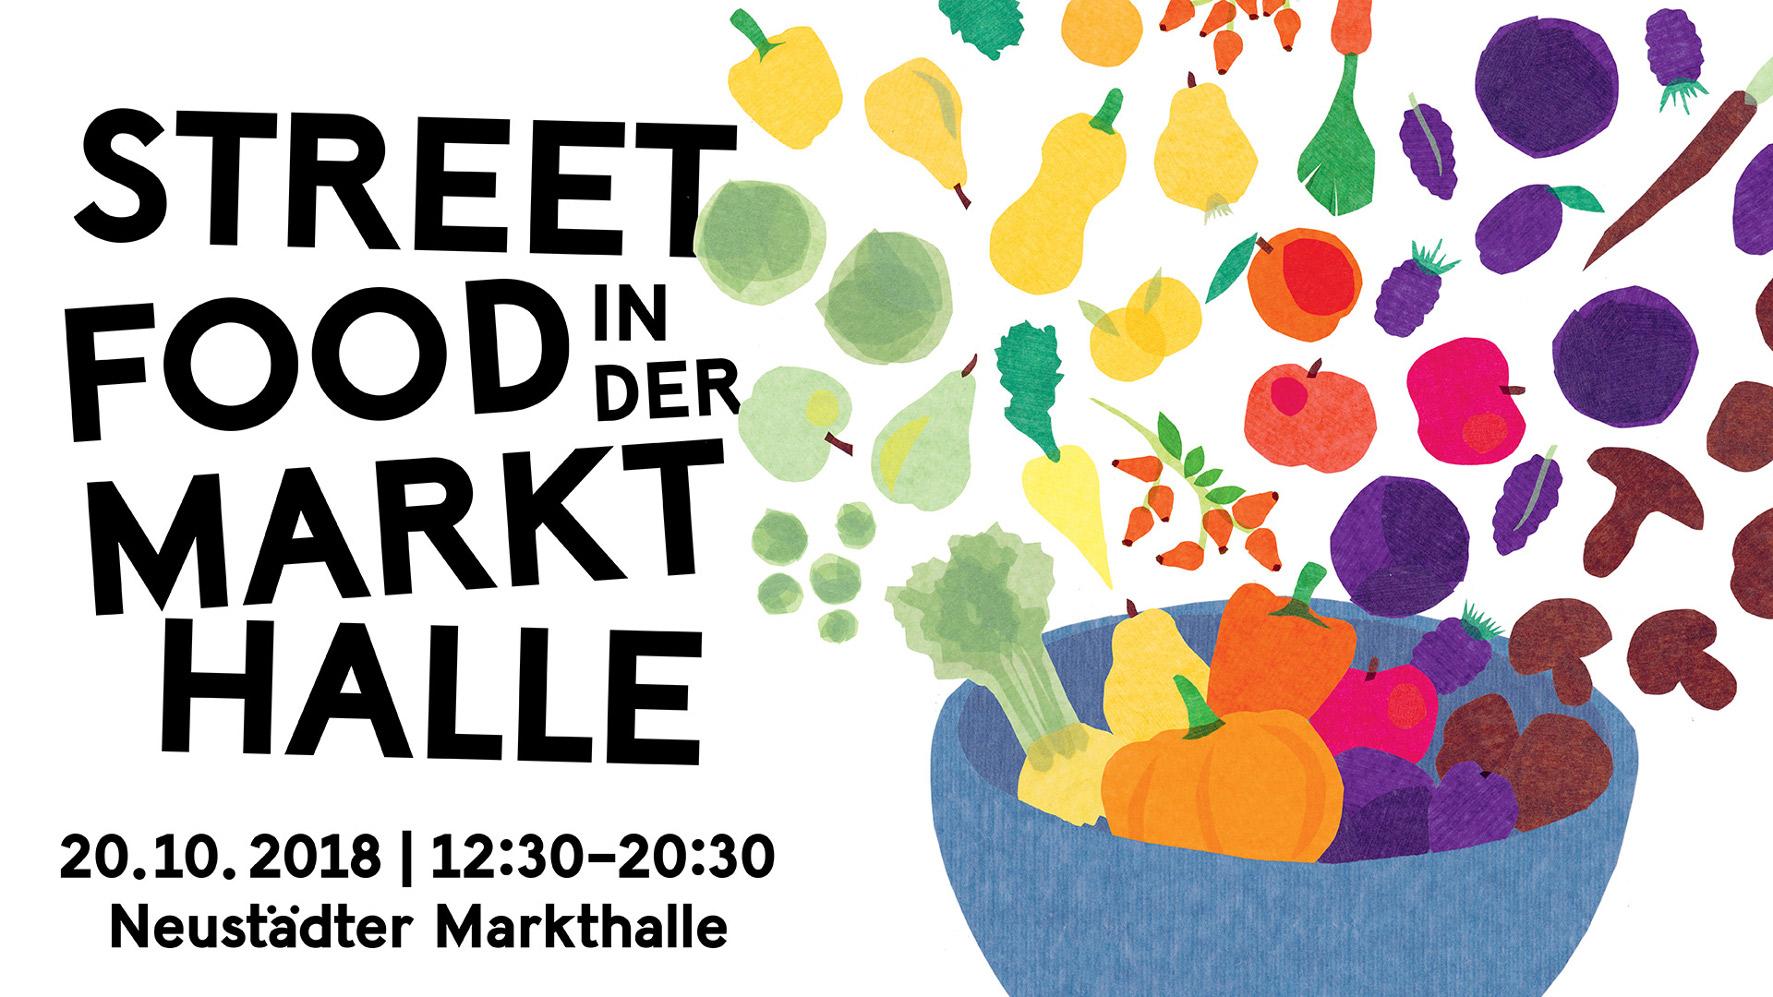 Auf dem Werbeplakat des SFM ist eine Schüssel mit Obst und Gemüse zu sehen.